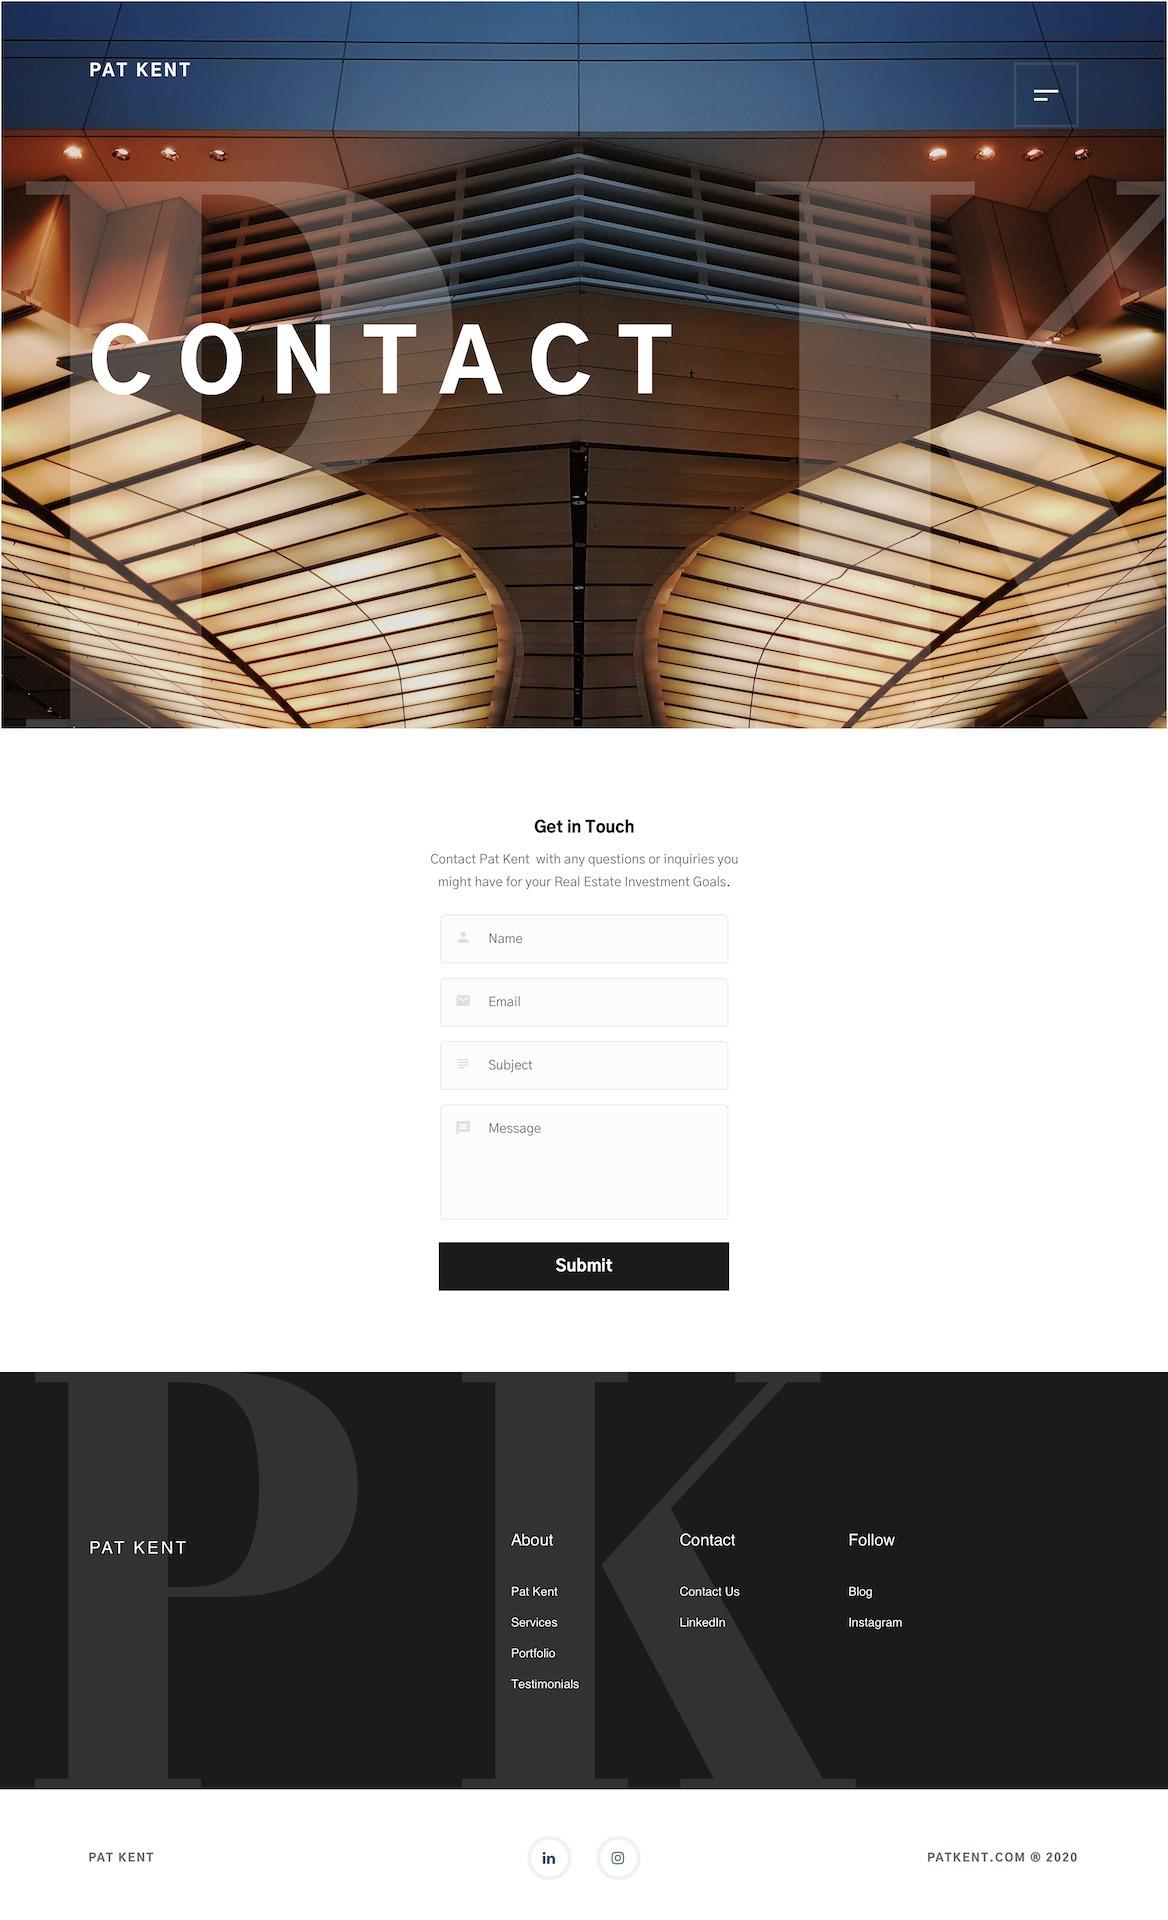 Dorian Media - Website Design - Pat Kent - Contact